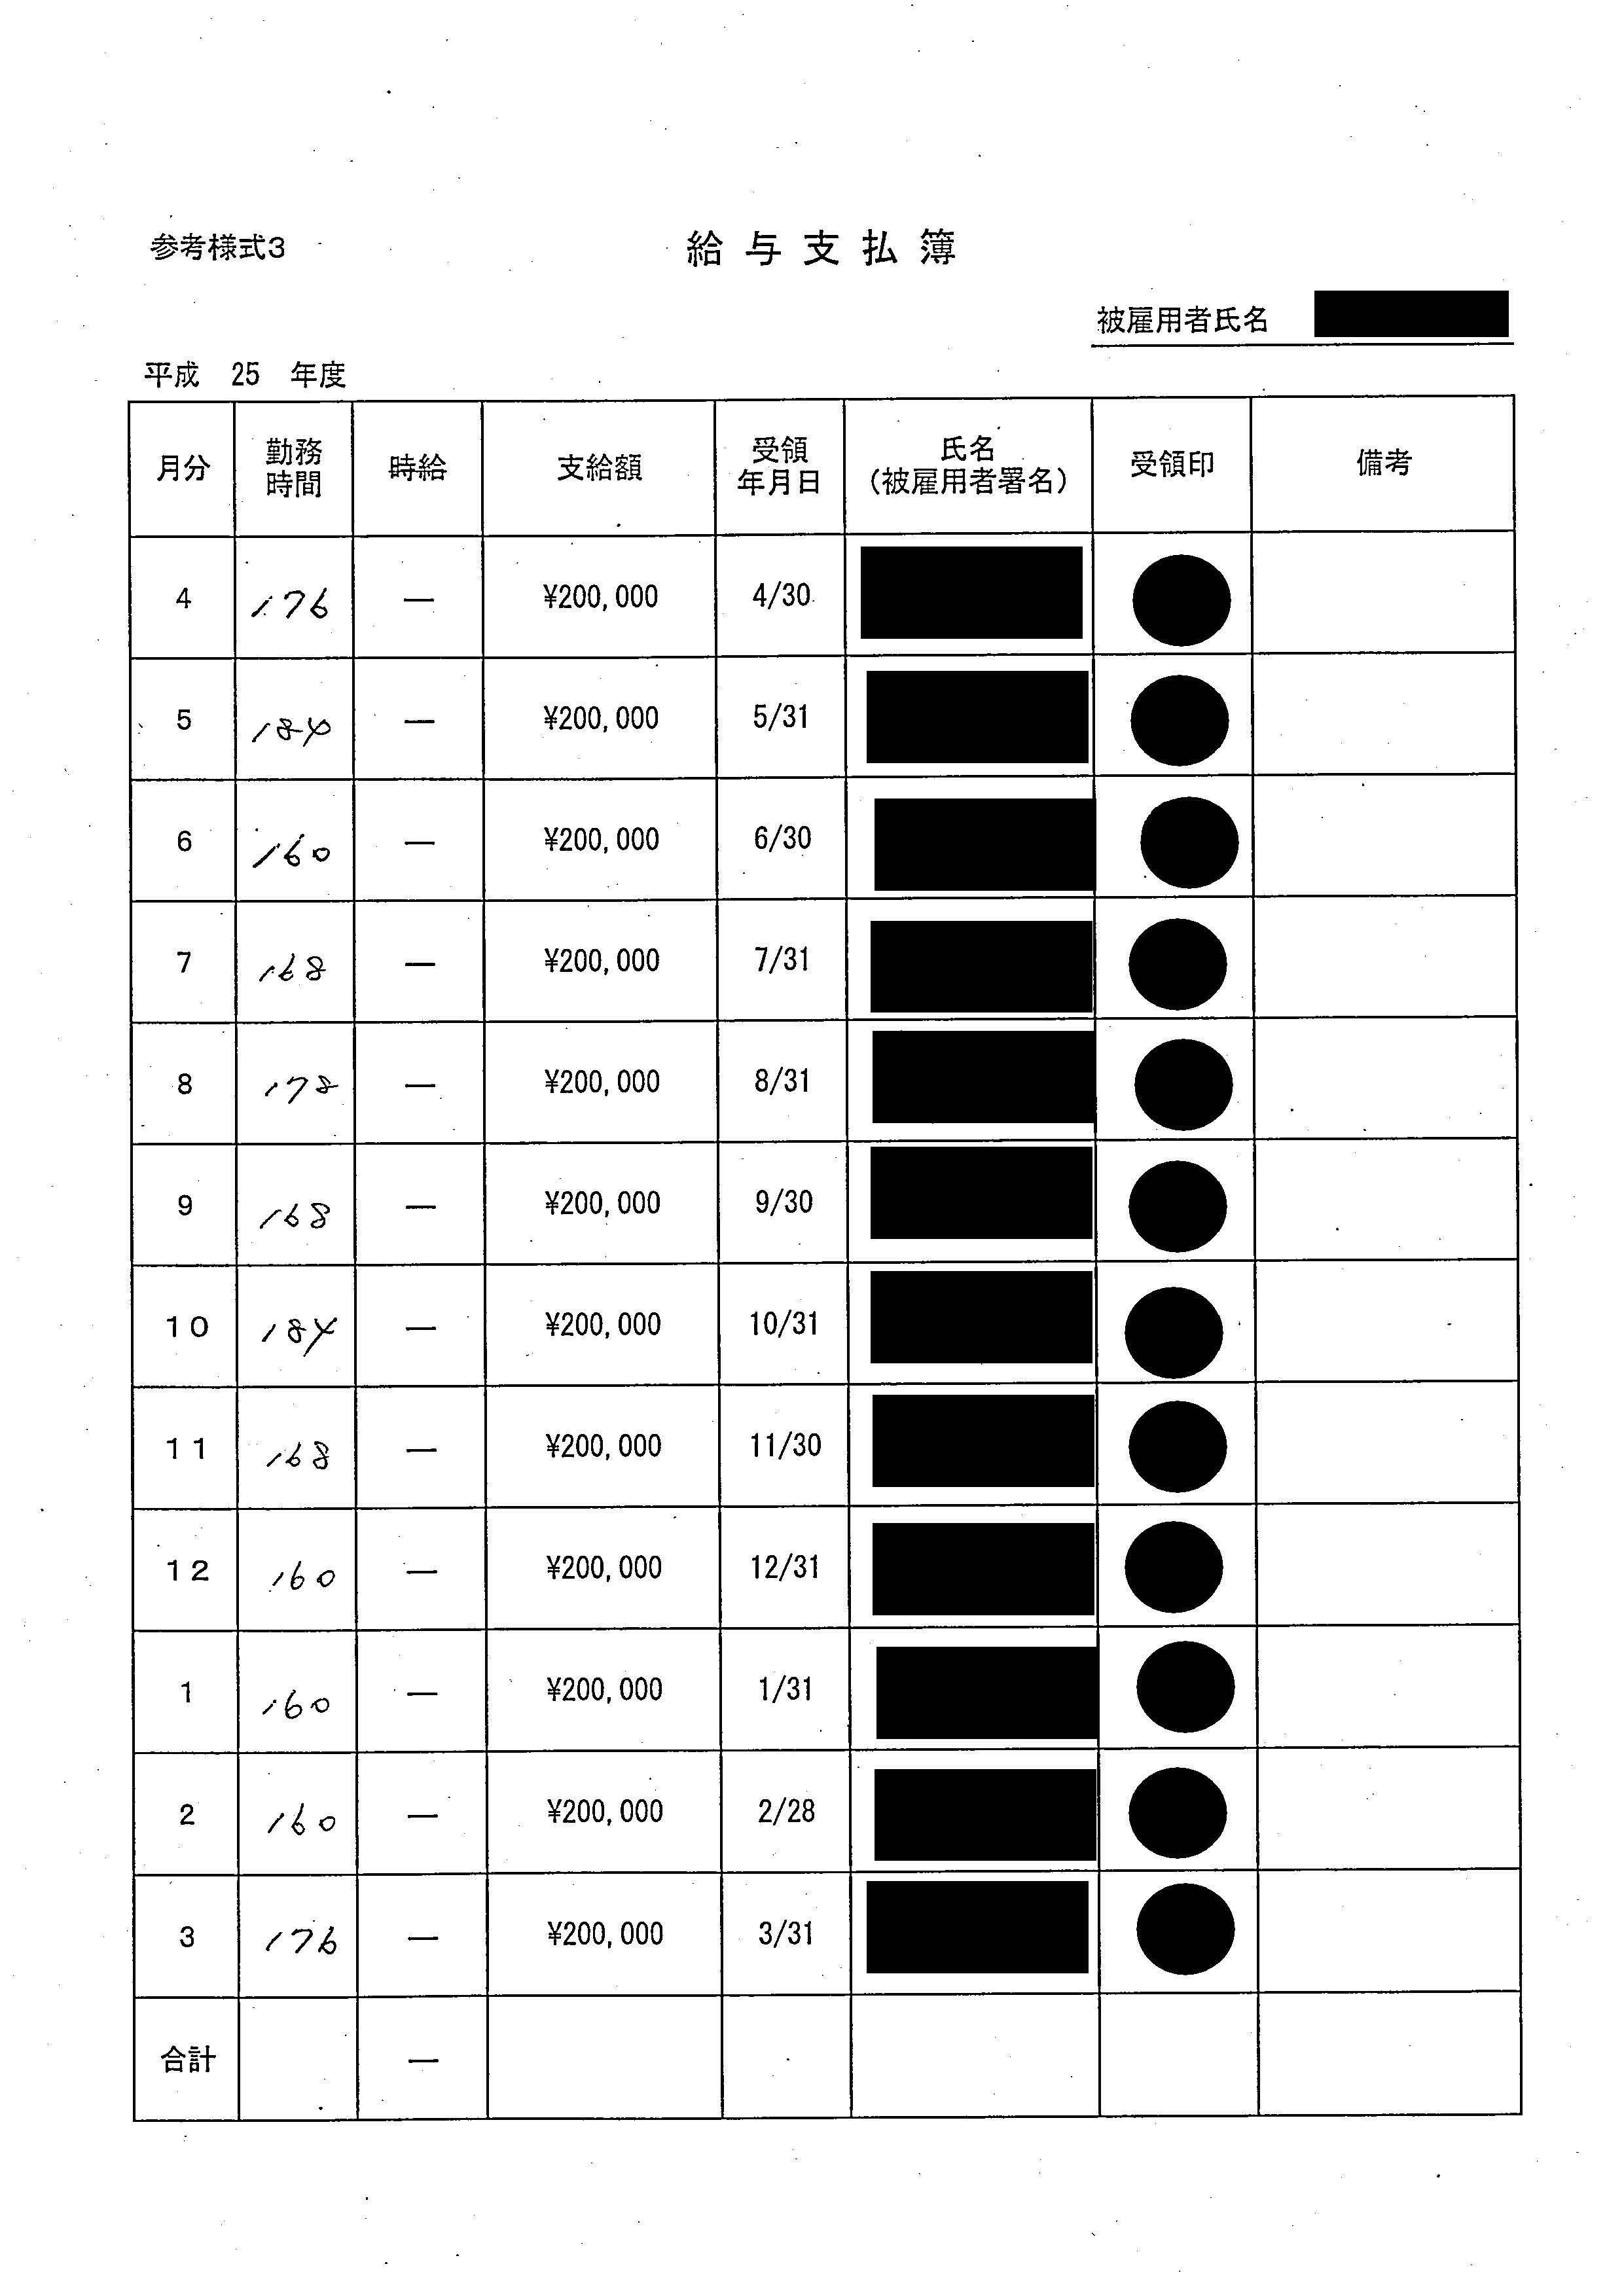 柴田高伸愛知県議 親族に政務調査費 寄付で還流か_d0011701_01152019.jpg